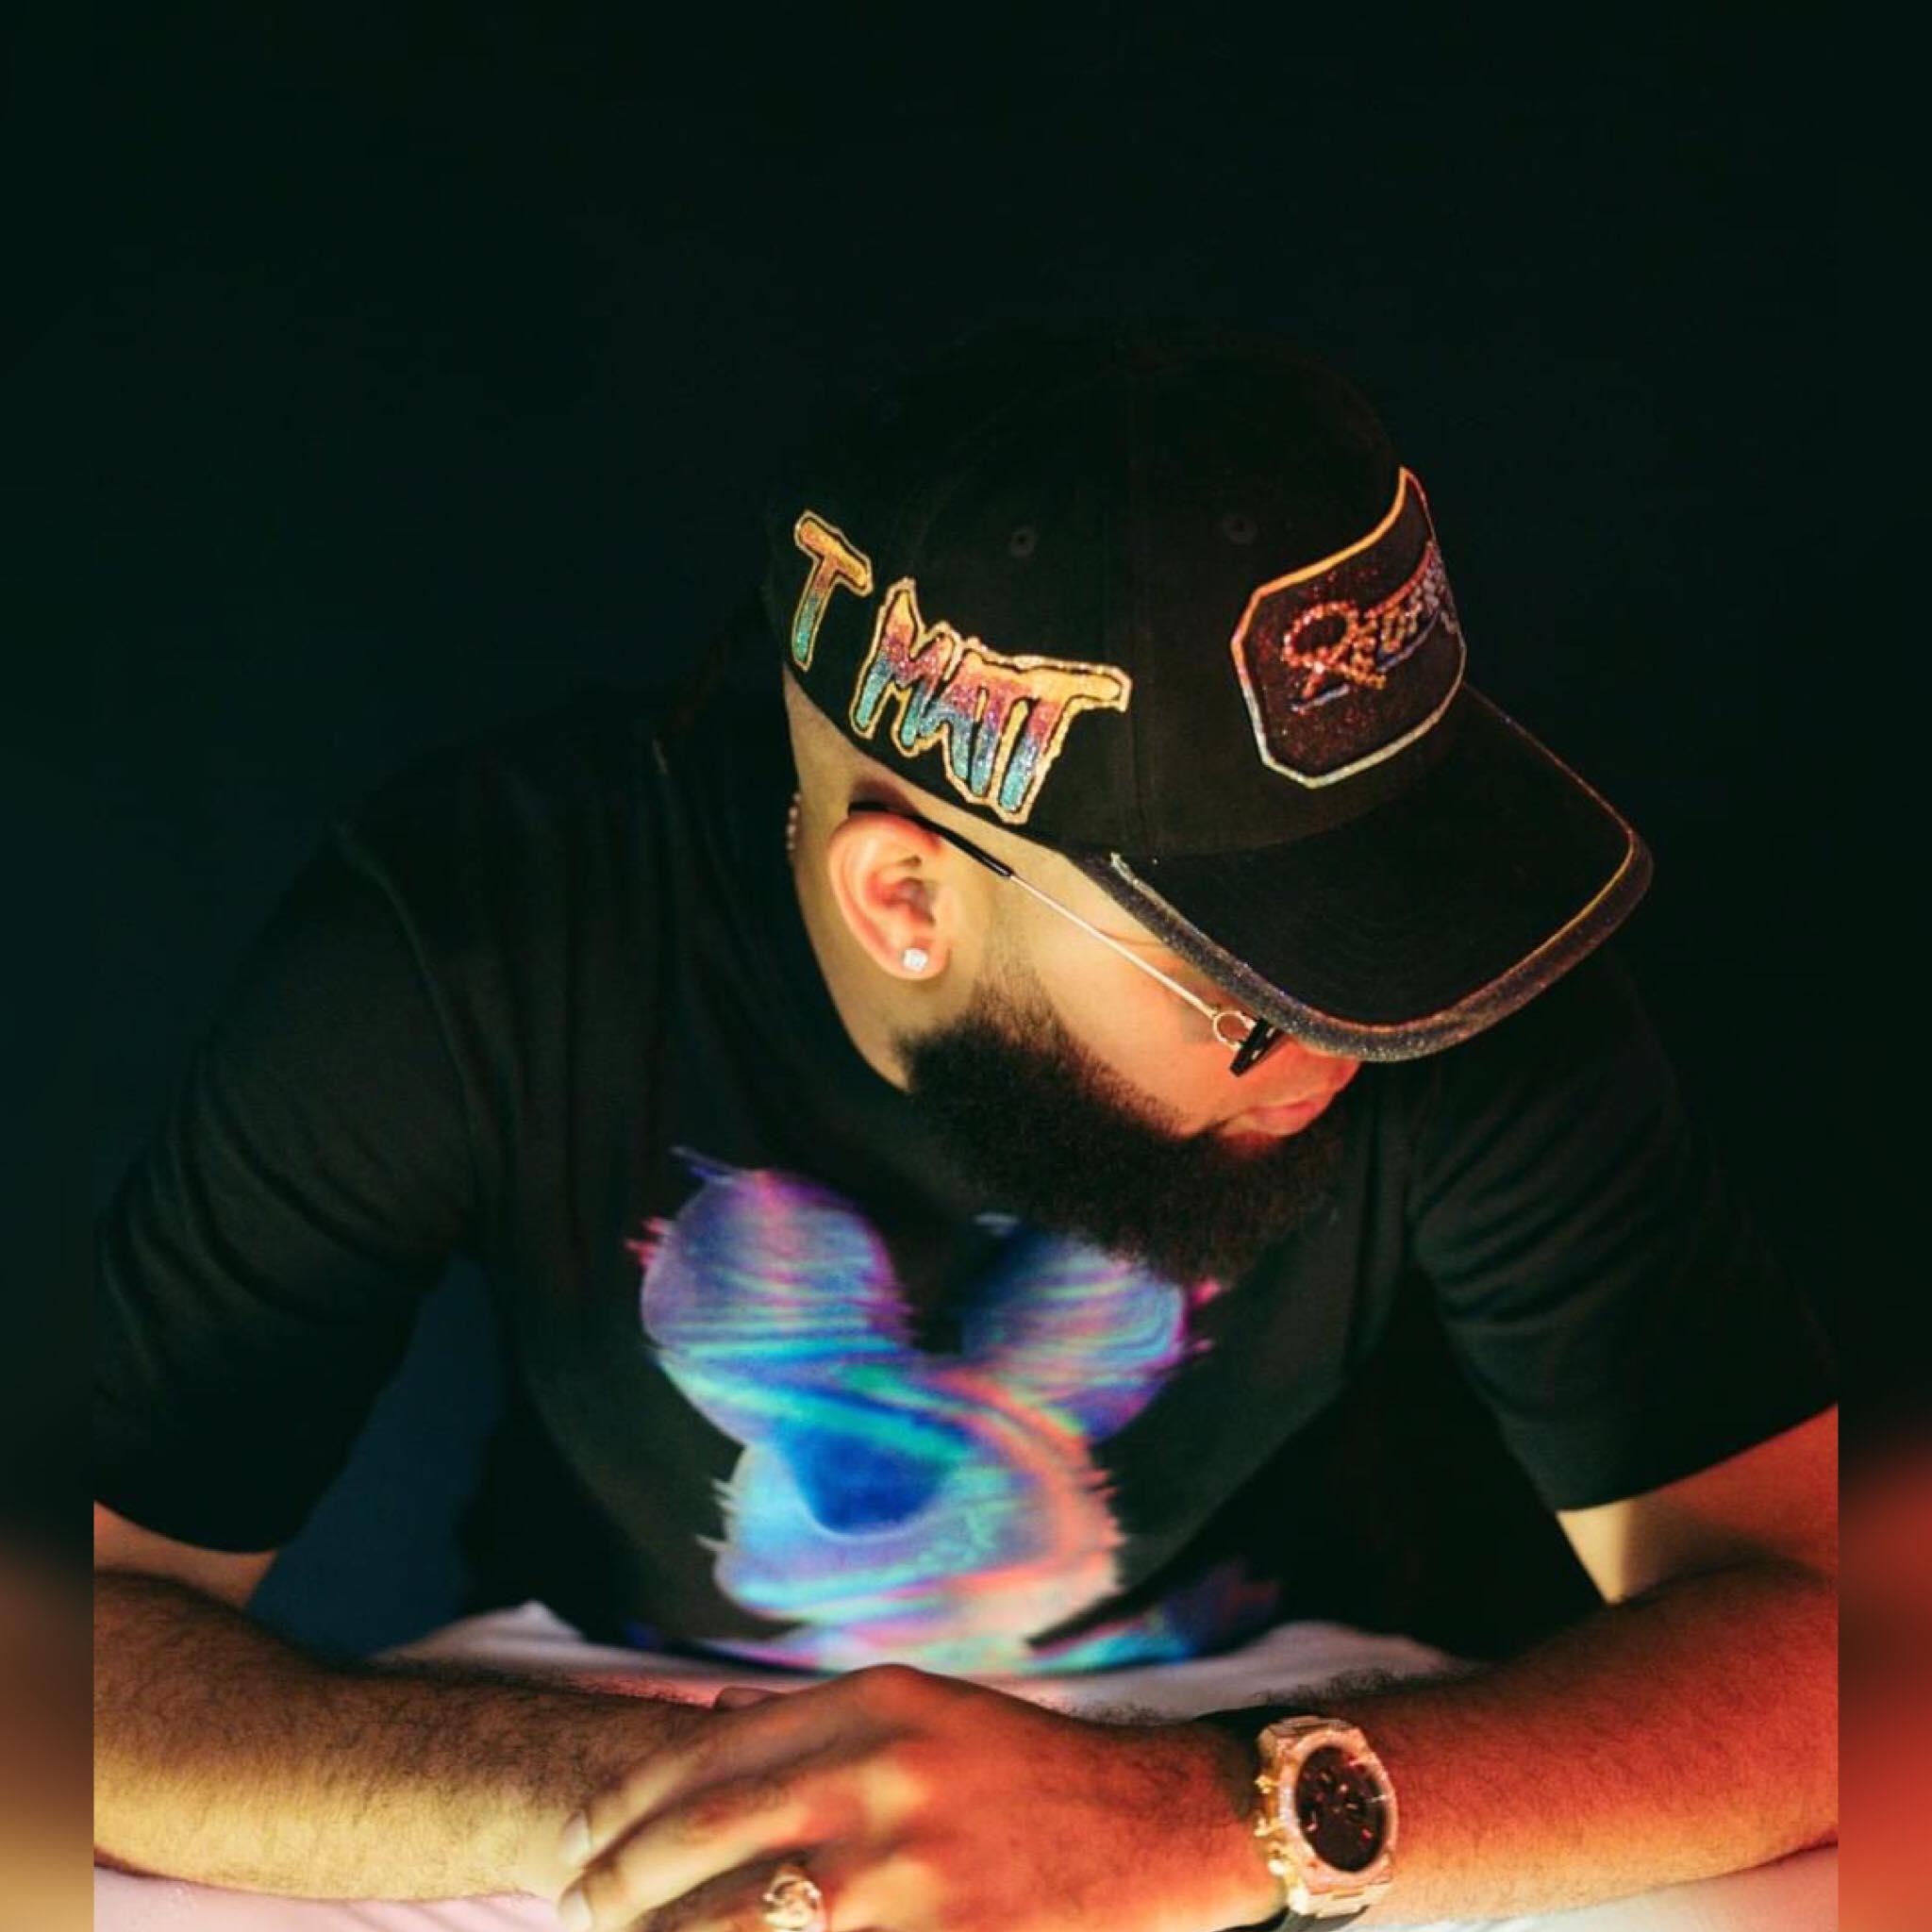 """🇷🇪🇷🇪MIX SPECIAL T-MATT by ESM Musiik de 30 min . Restez connectés, T-MATT arrive avec son nouvel EP """"Pile ou face"""" le 06 août 2021 . – Août 2021💯💯💯🇷🇪🇷🇪"""